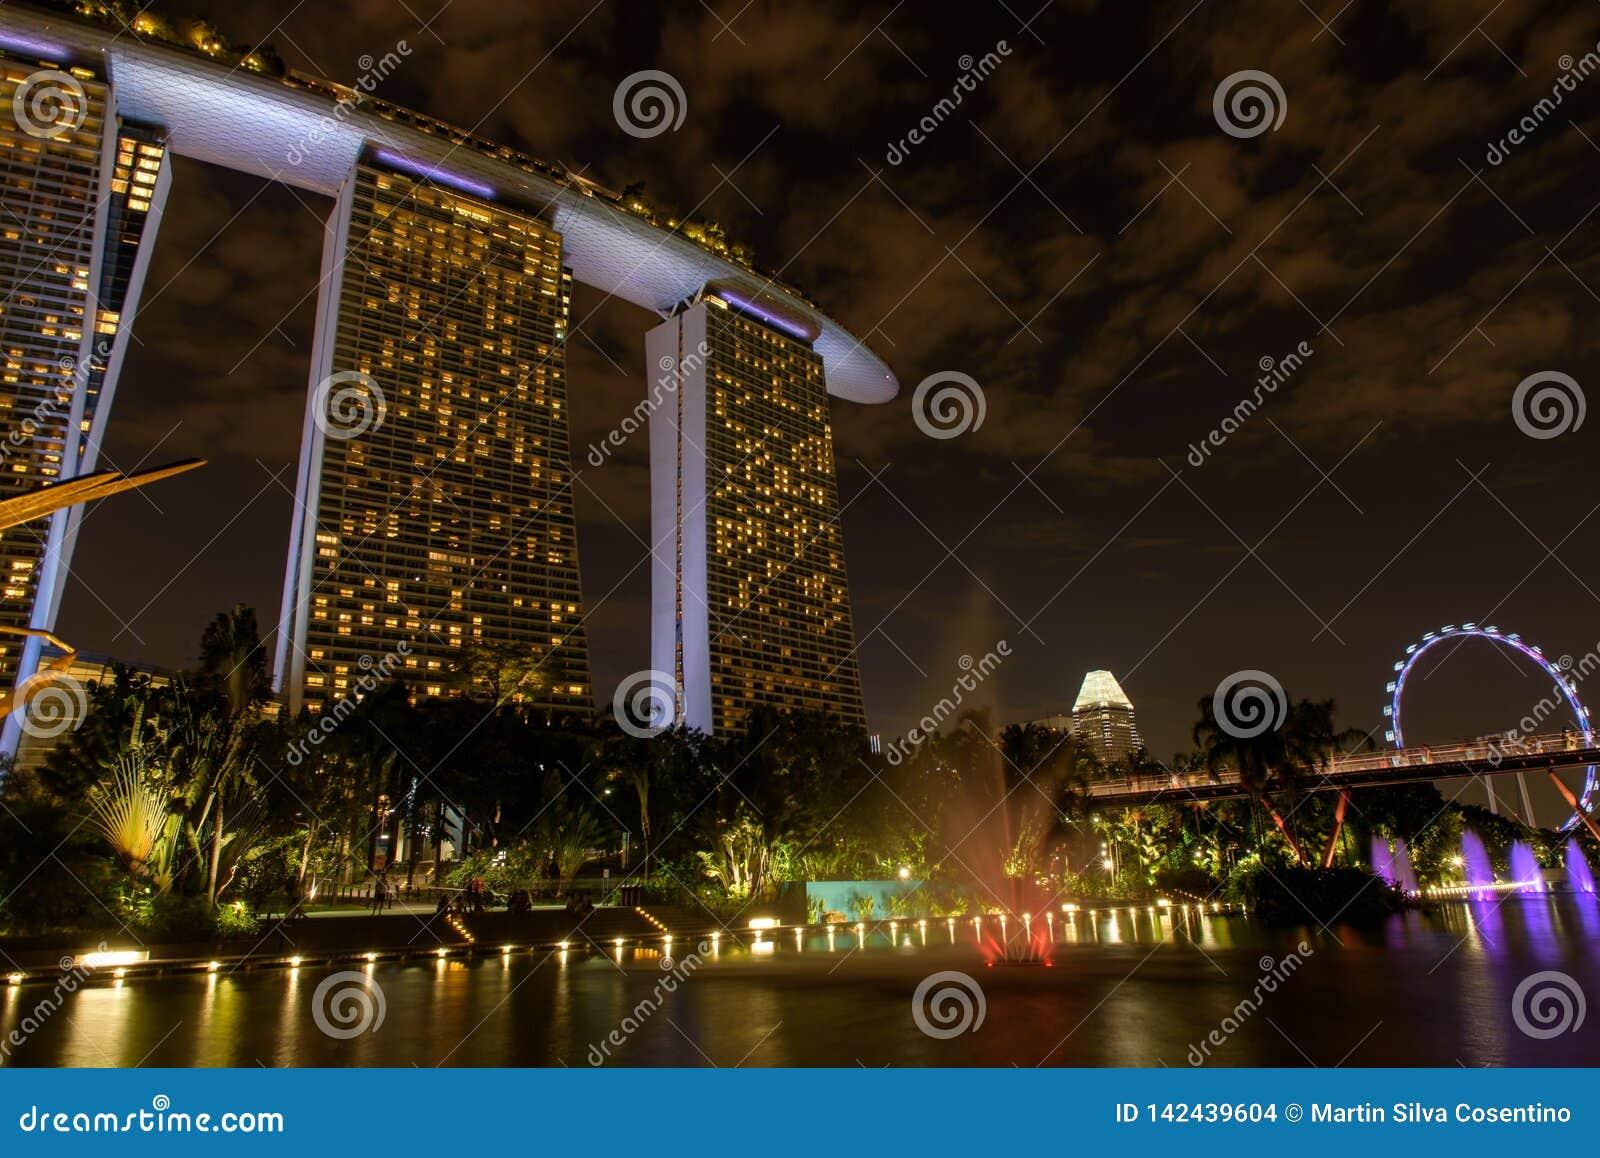 Bahía marina cerca de los jardines por la bahía Vista nocturna de la demostración ligera del árbol en Singapur